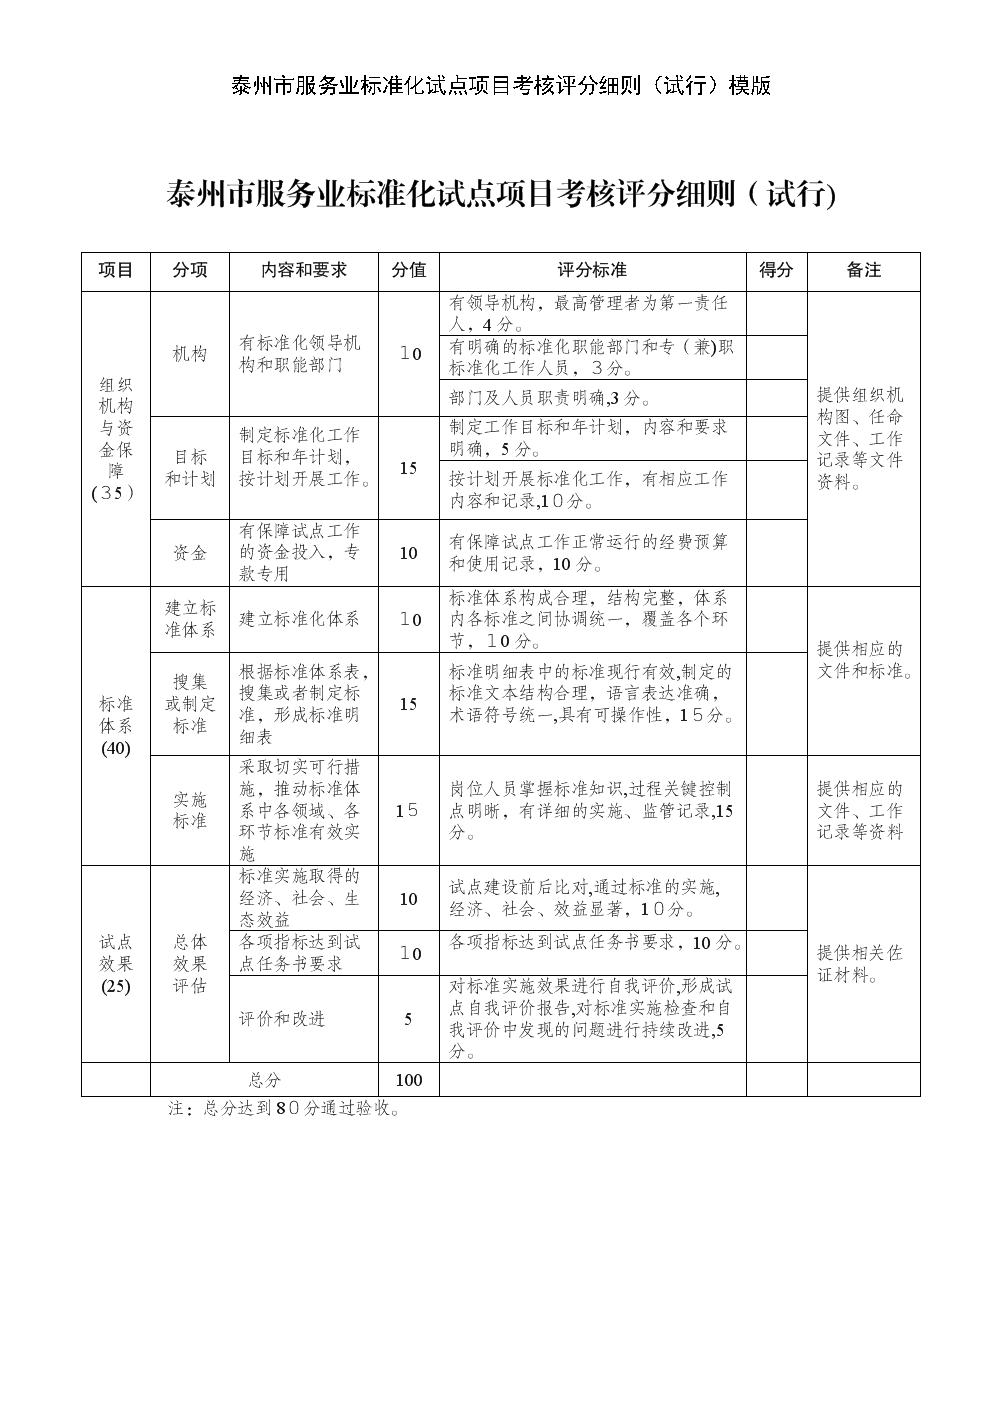 泰州市服务业标准化试点项目考核评分细则(试行)模版.doc